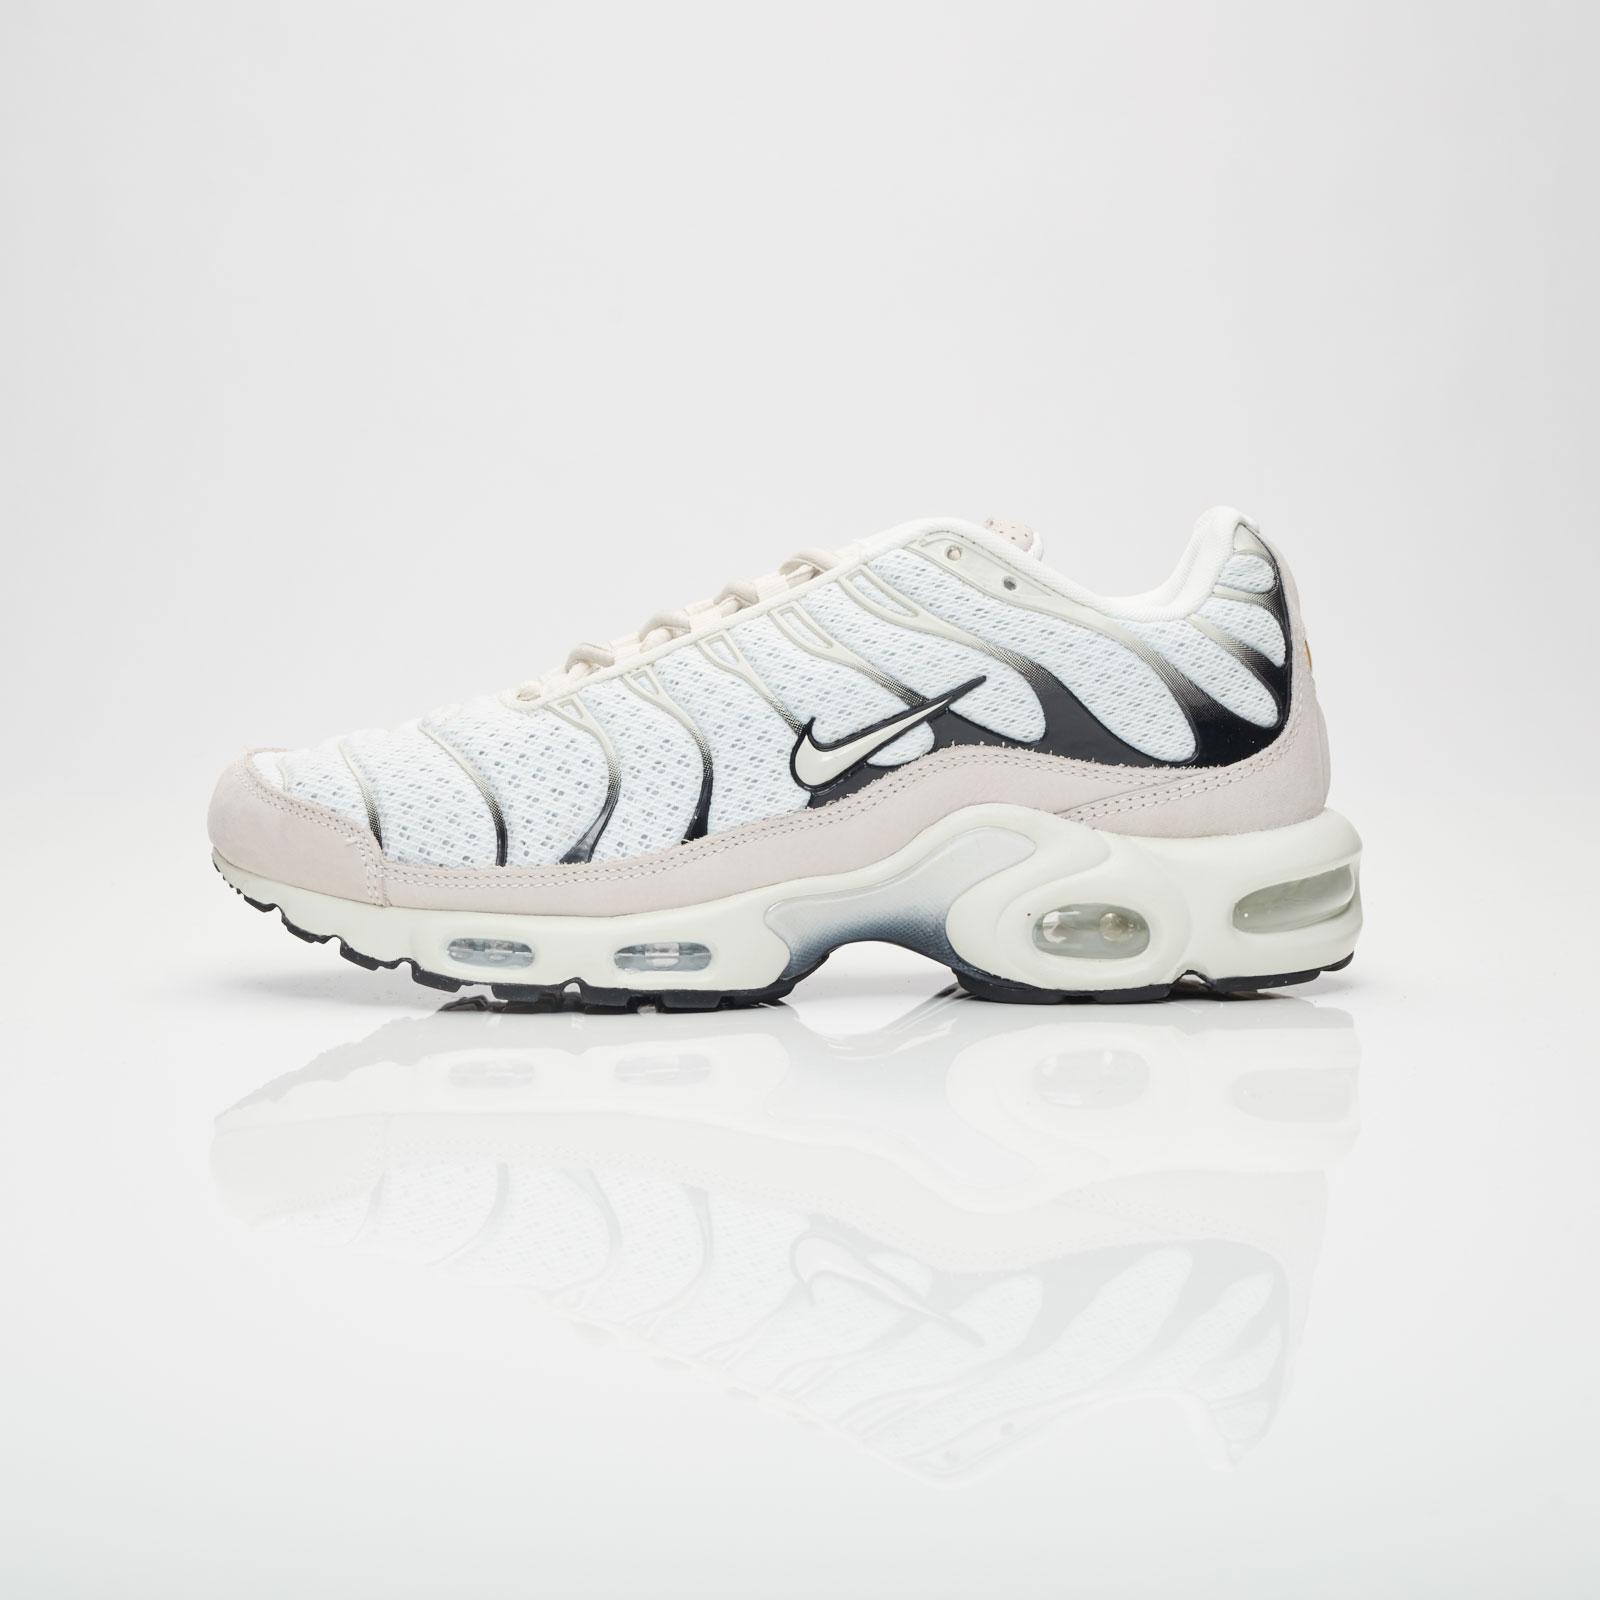 88b4afe6d2 Nike Air Max Plus - 898018-100 - Sneakersnstuff | sneakers & streetwear  online since 1999